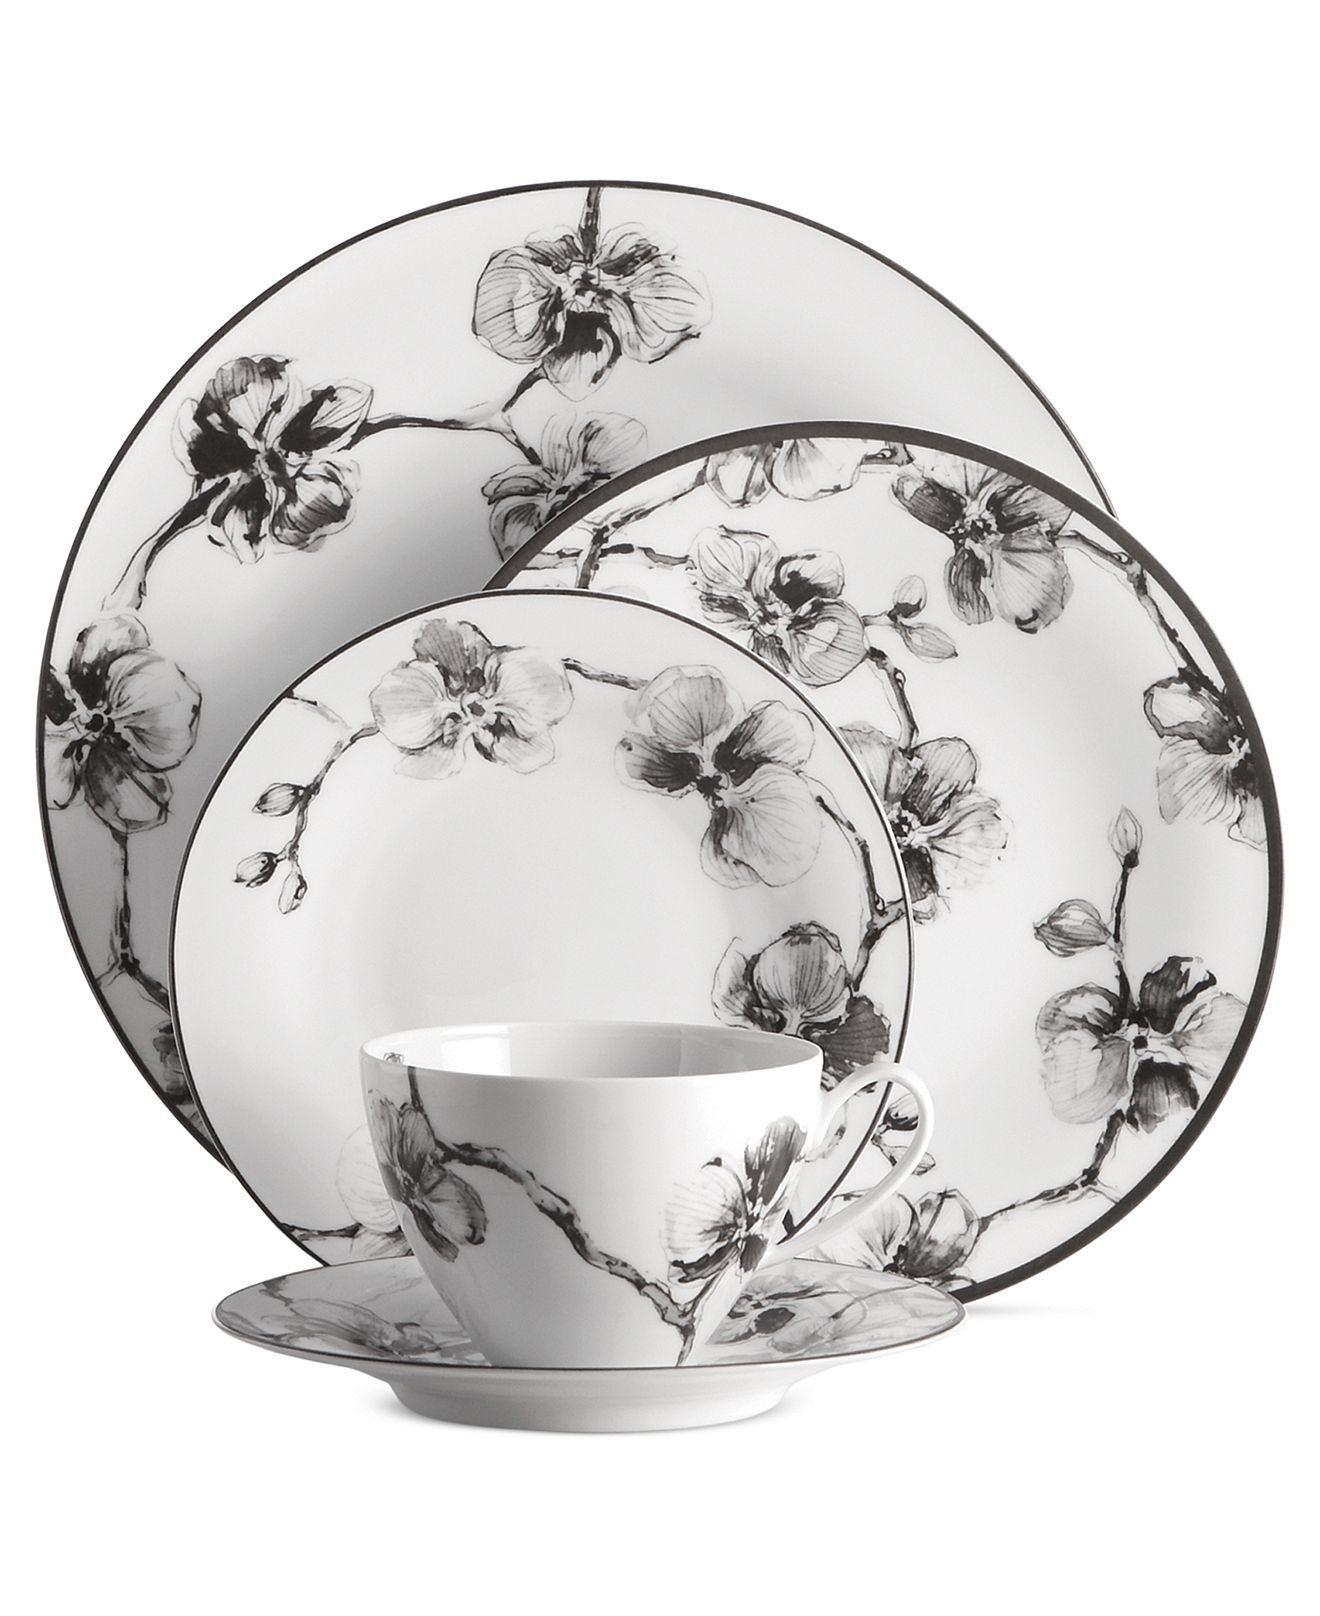 Floral dinnerware sets 10  sc 1 st  Foter & Floral Dinnerware Sets - Foter